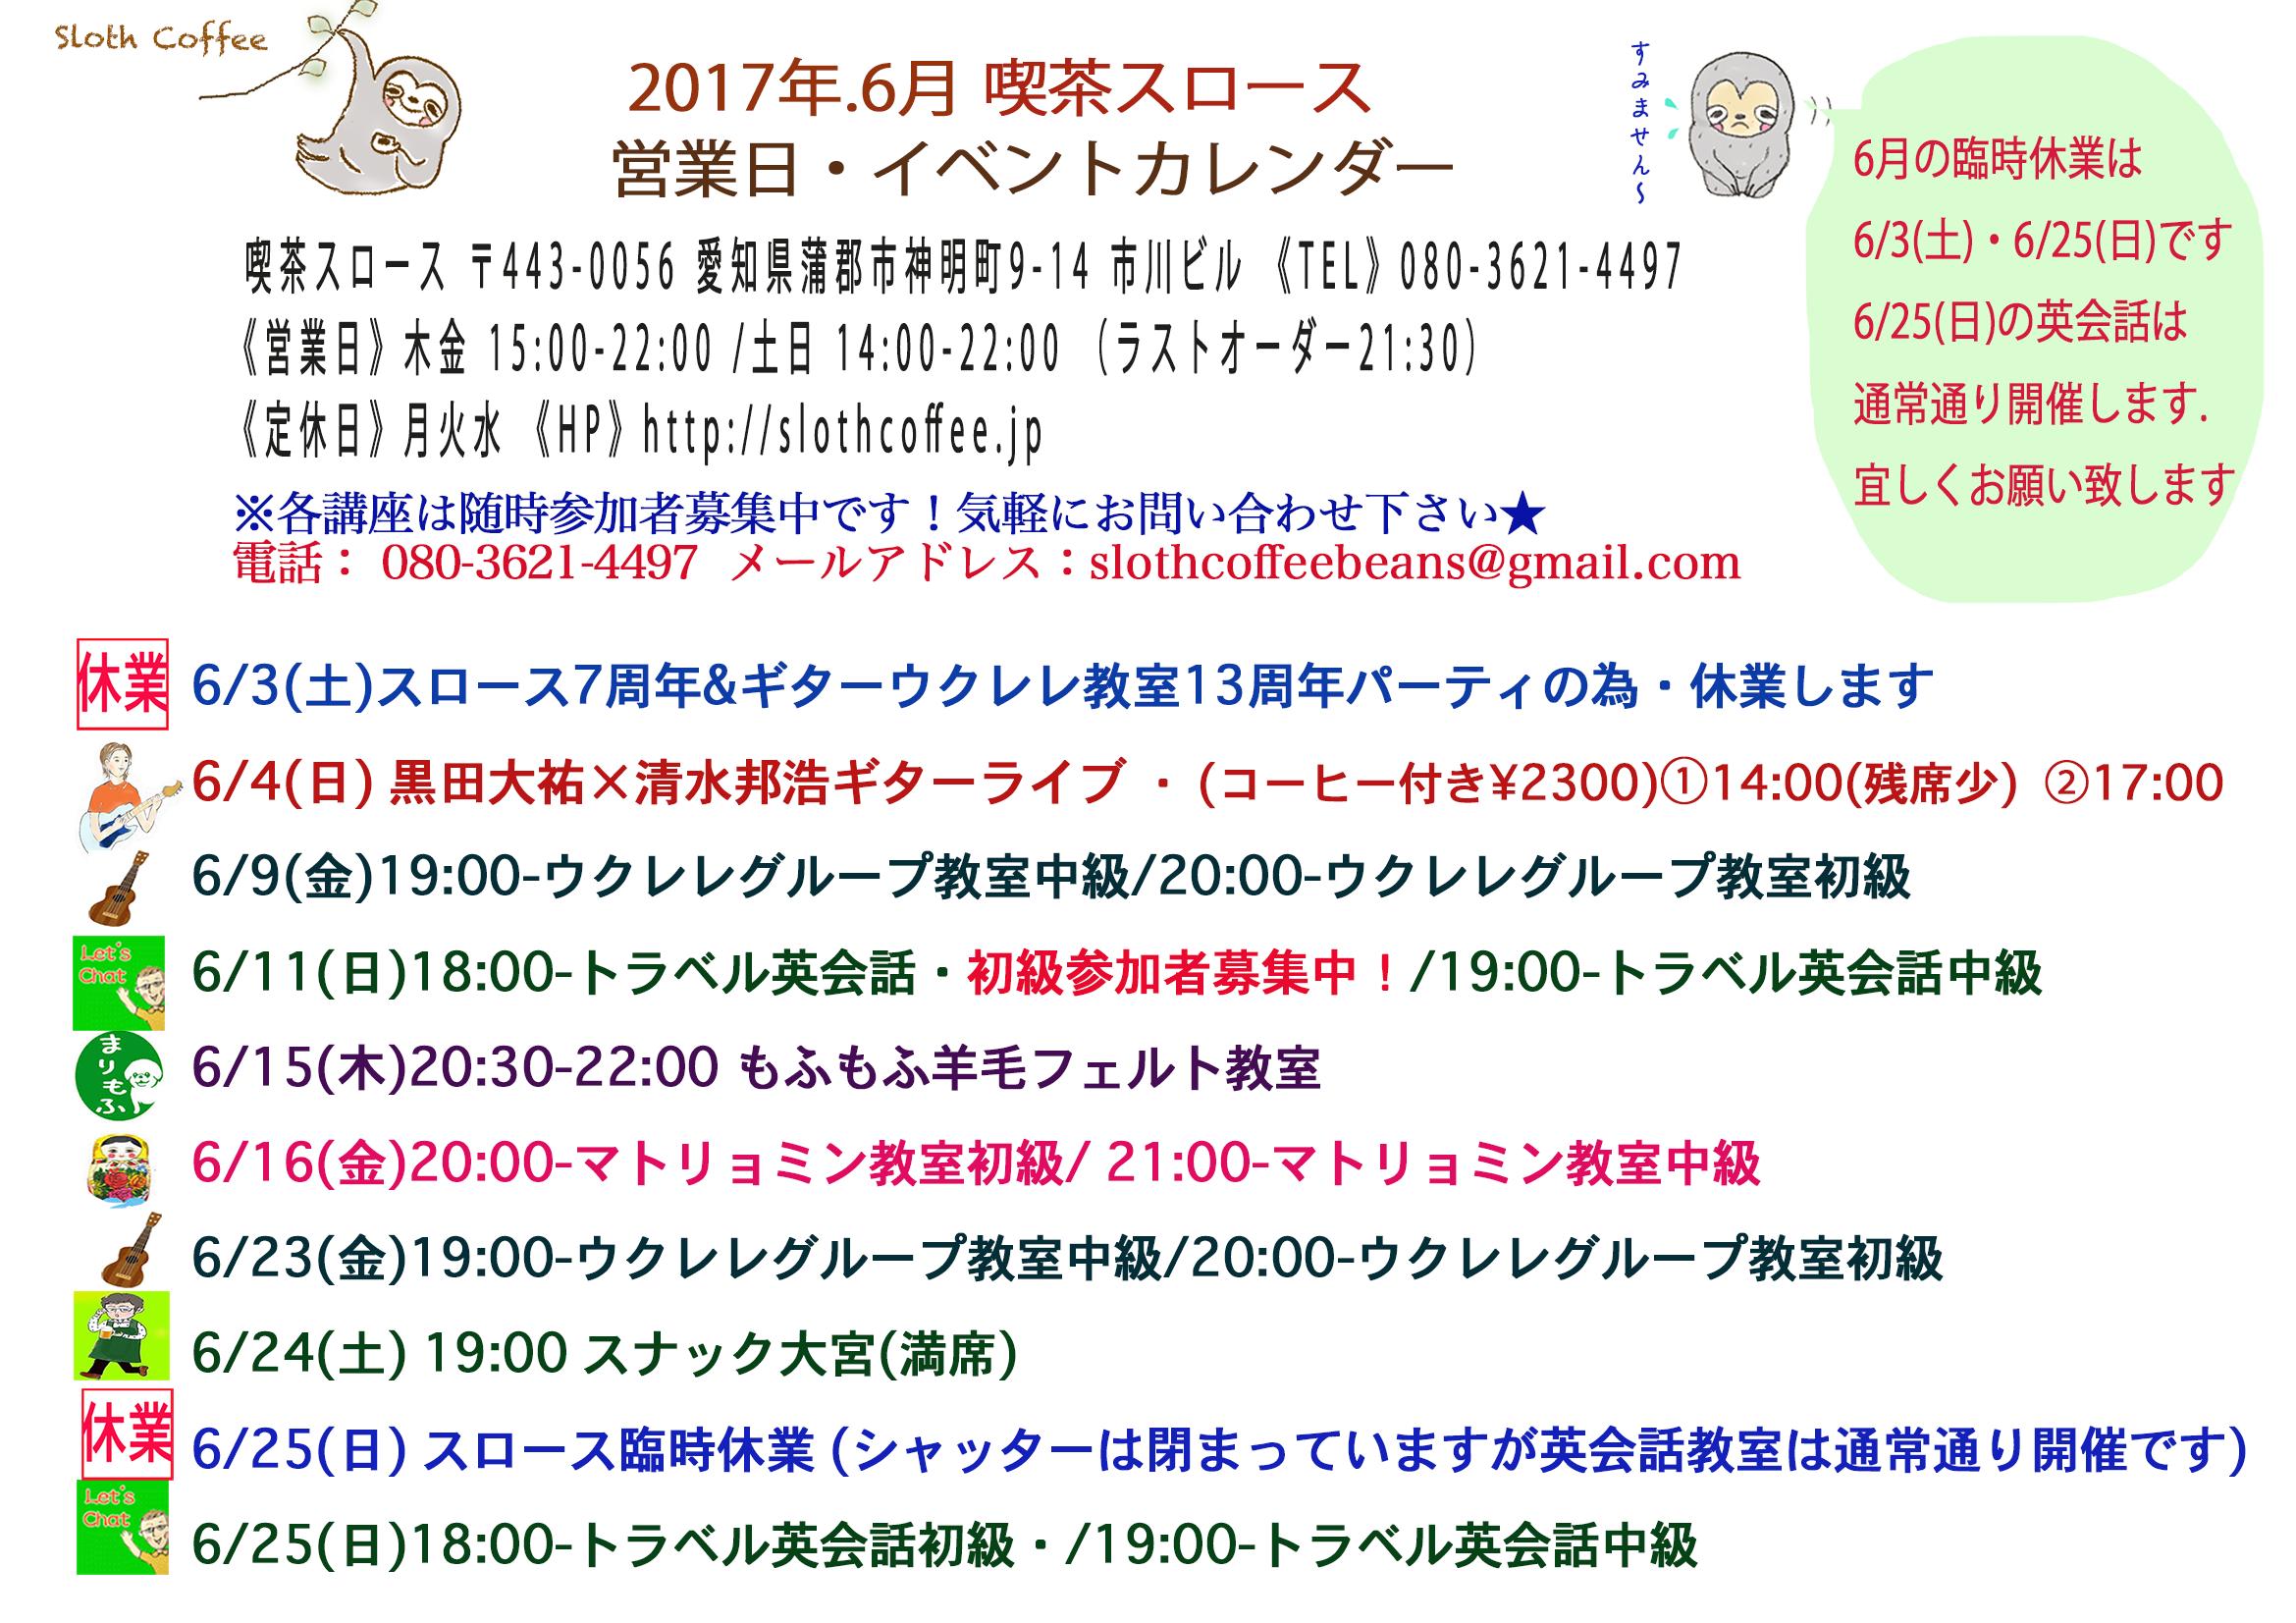 20176calender